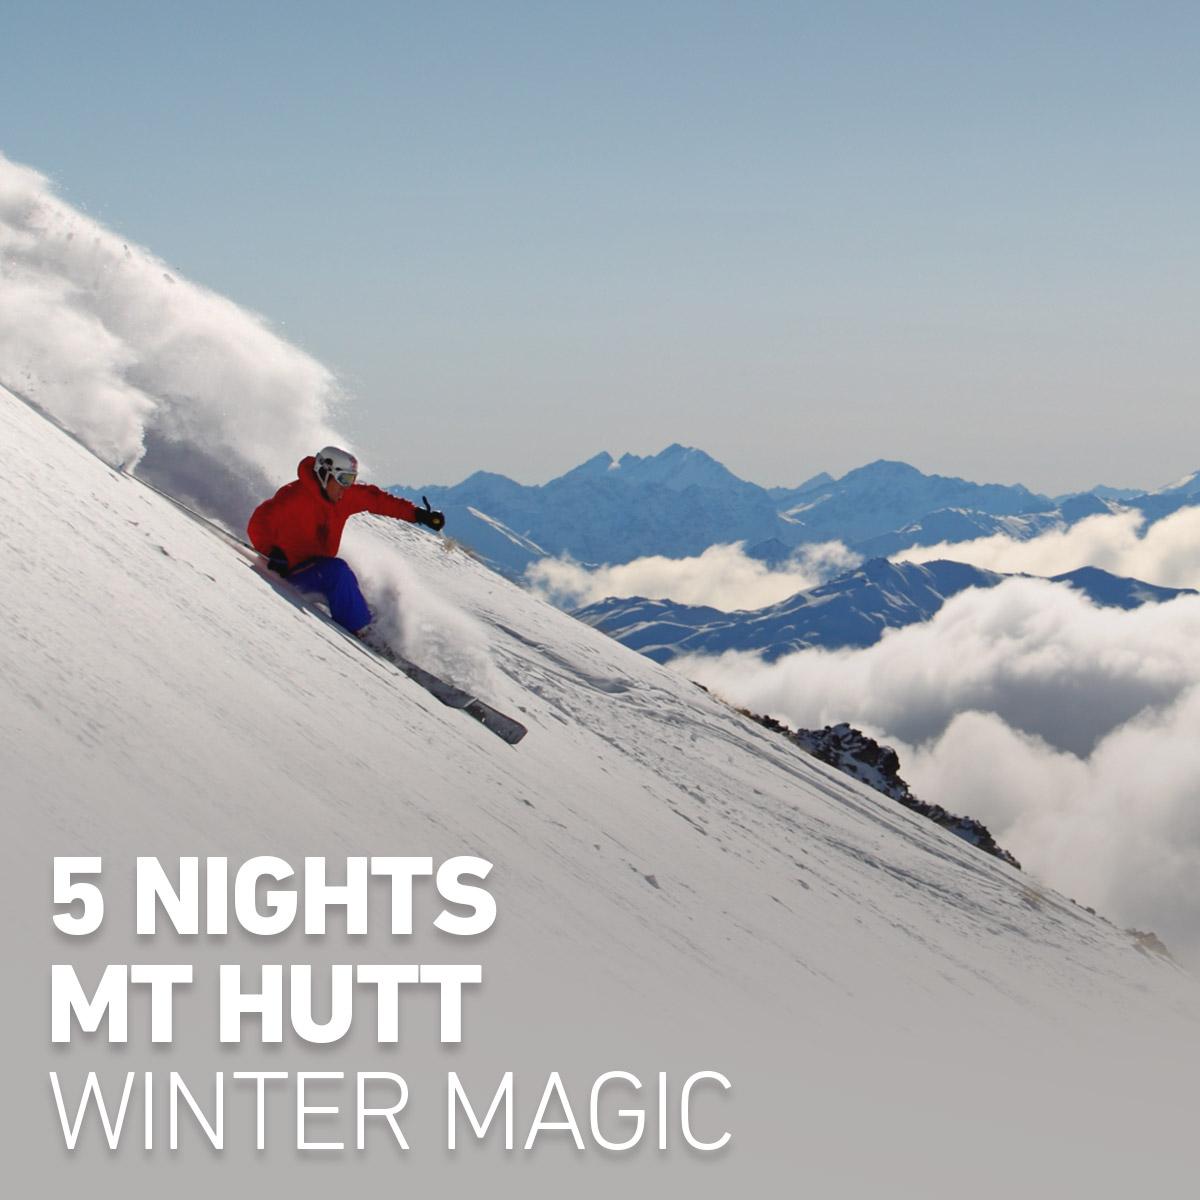 5 Nights Mt Hutt Winter Magic.